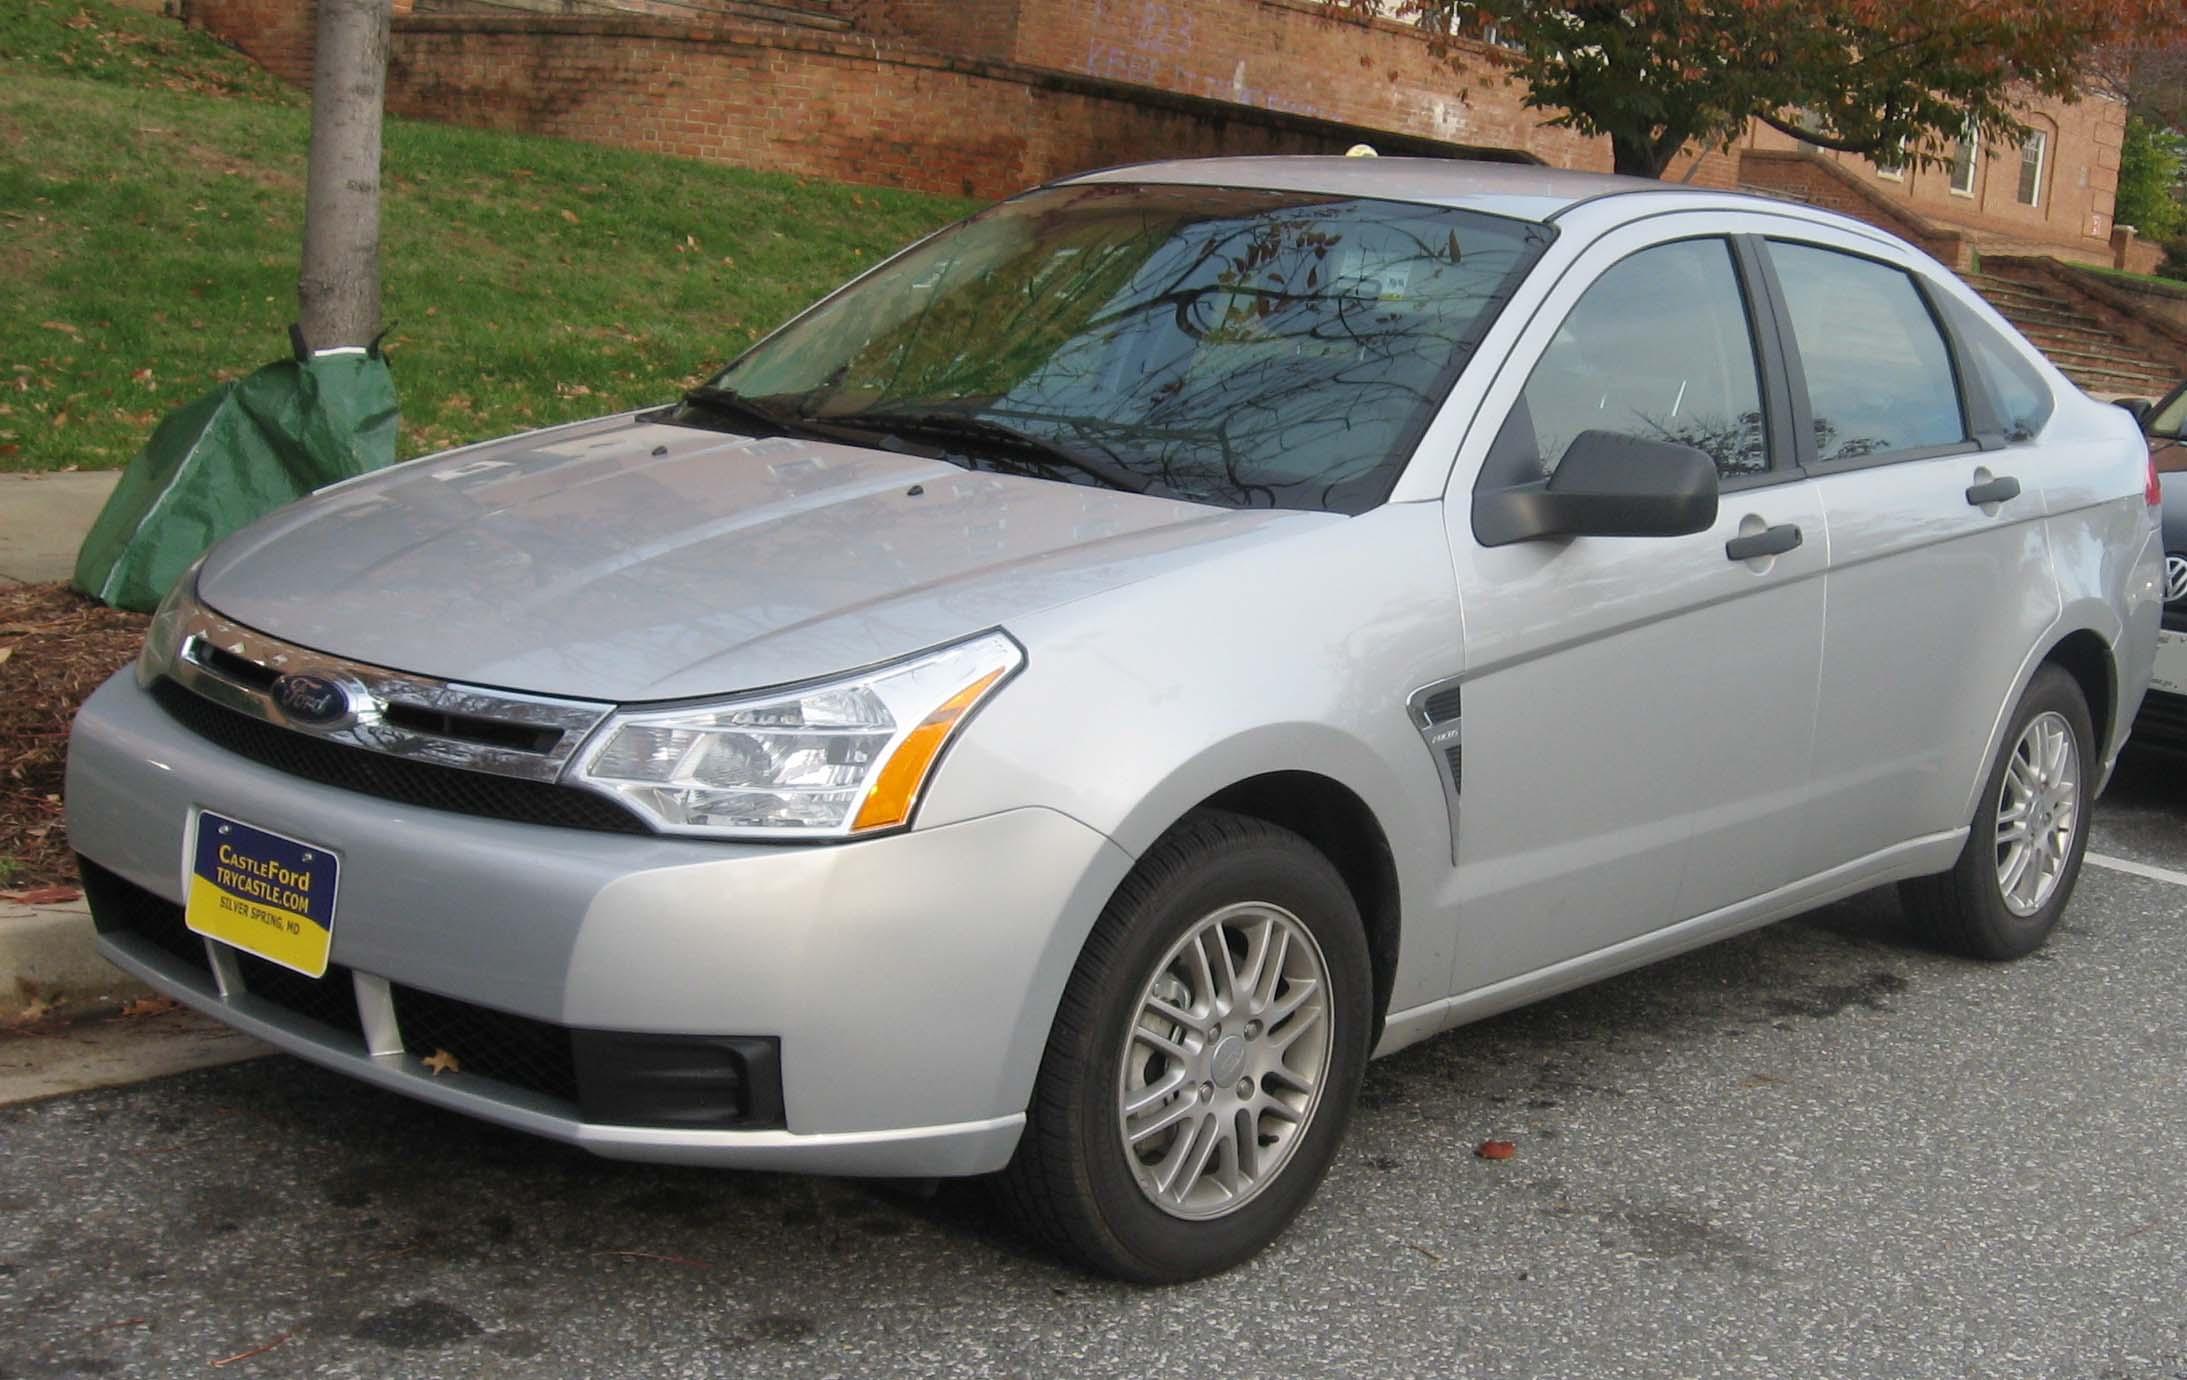 https://i2.wp.com/upload.wikimedia.org/wikipedia/commons/f/fe/2008_Ford_Focus_SE_sedan.jpg